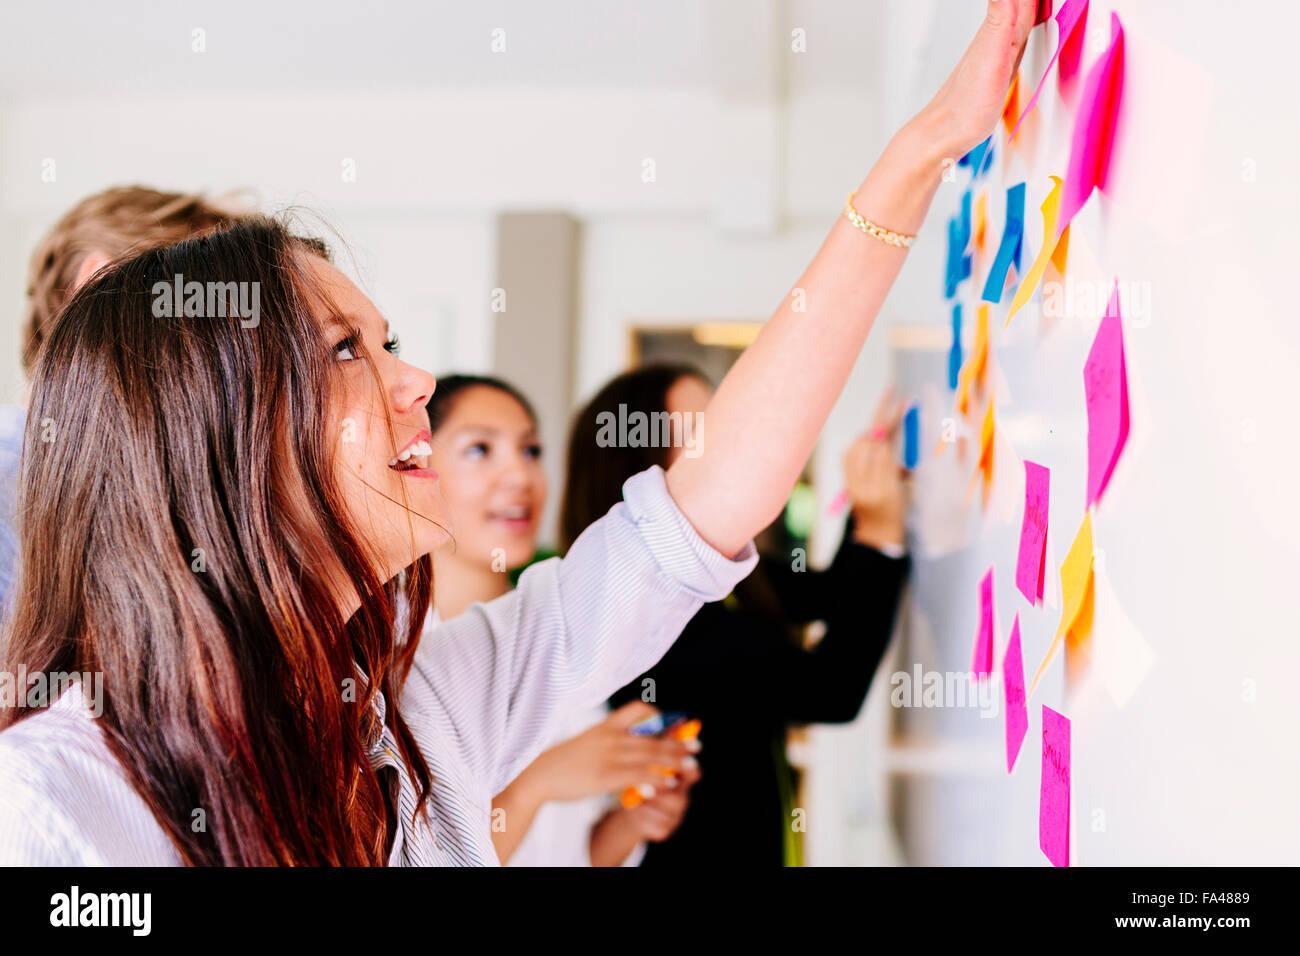 La fijación de la gente de negocios notas rápidas en la oficina Imagen De Stock